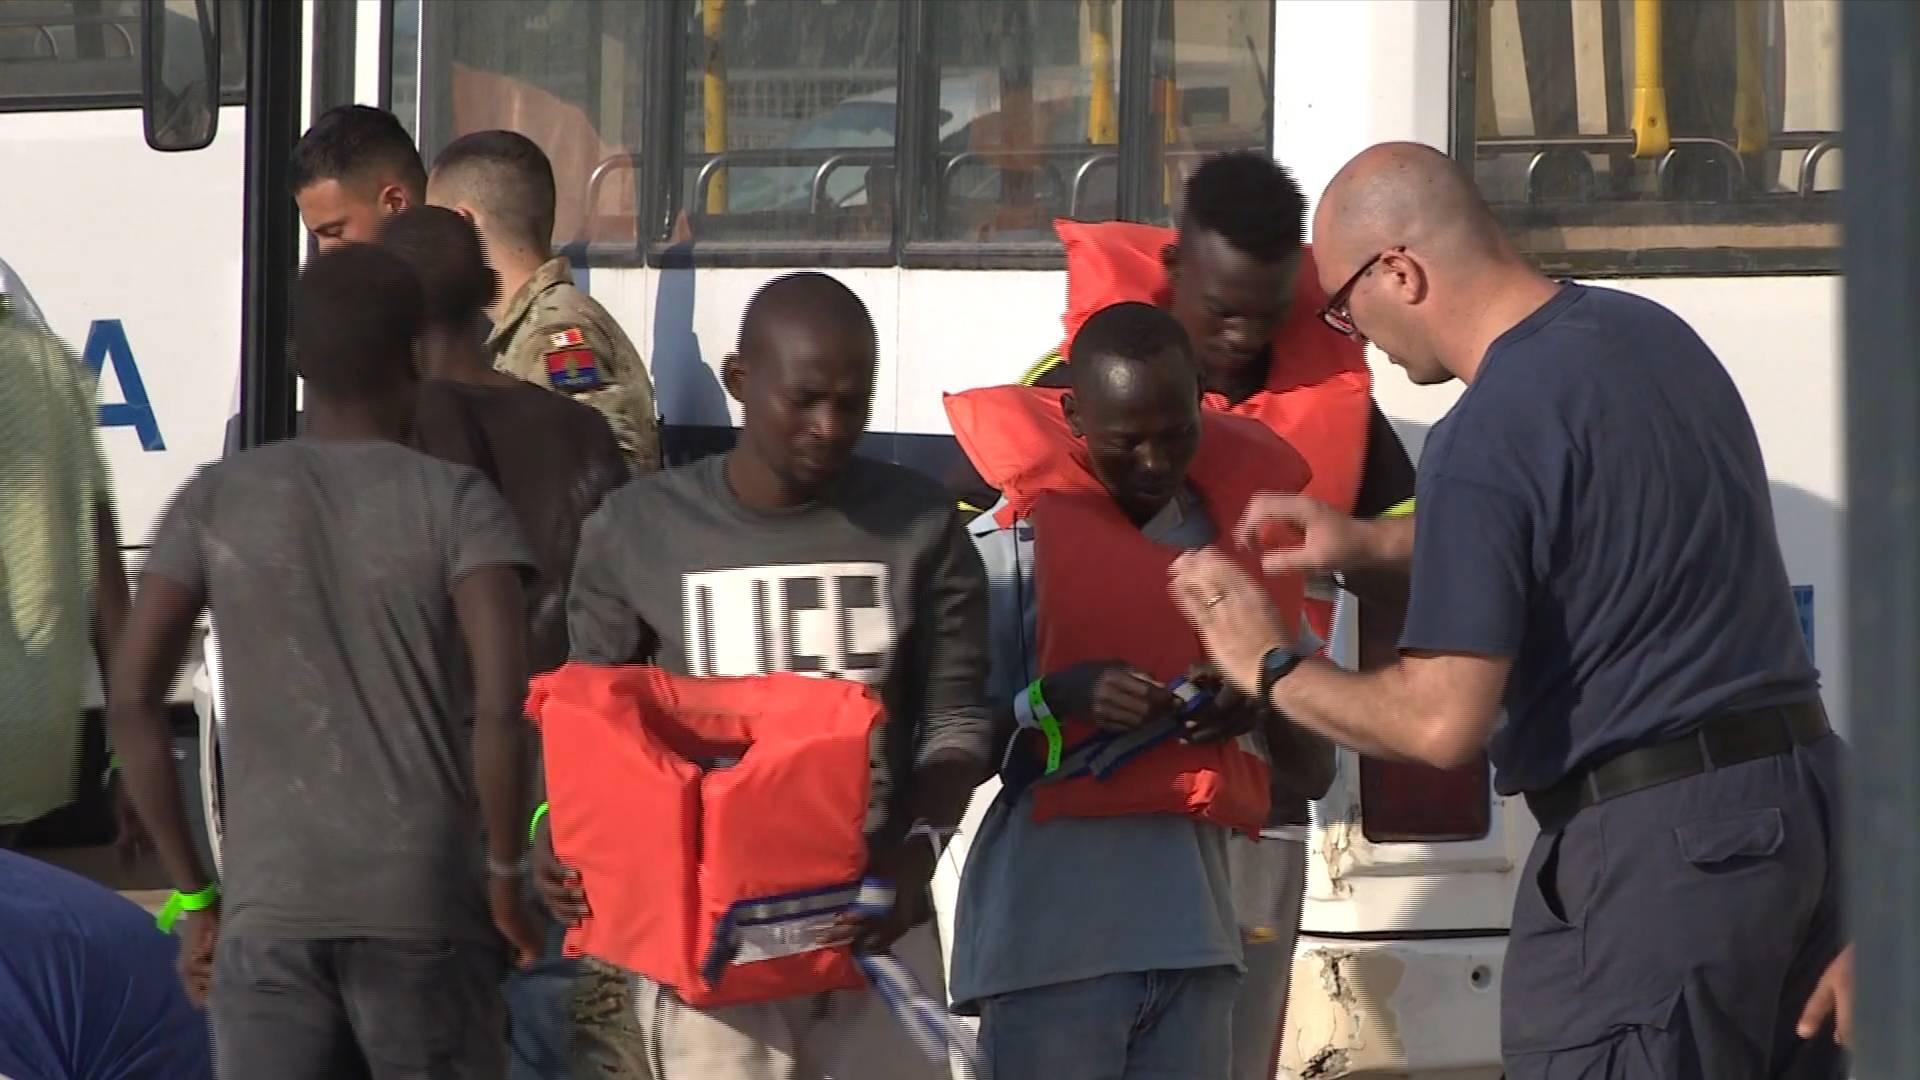 Malta'da 76 göçmen kurtarıldı